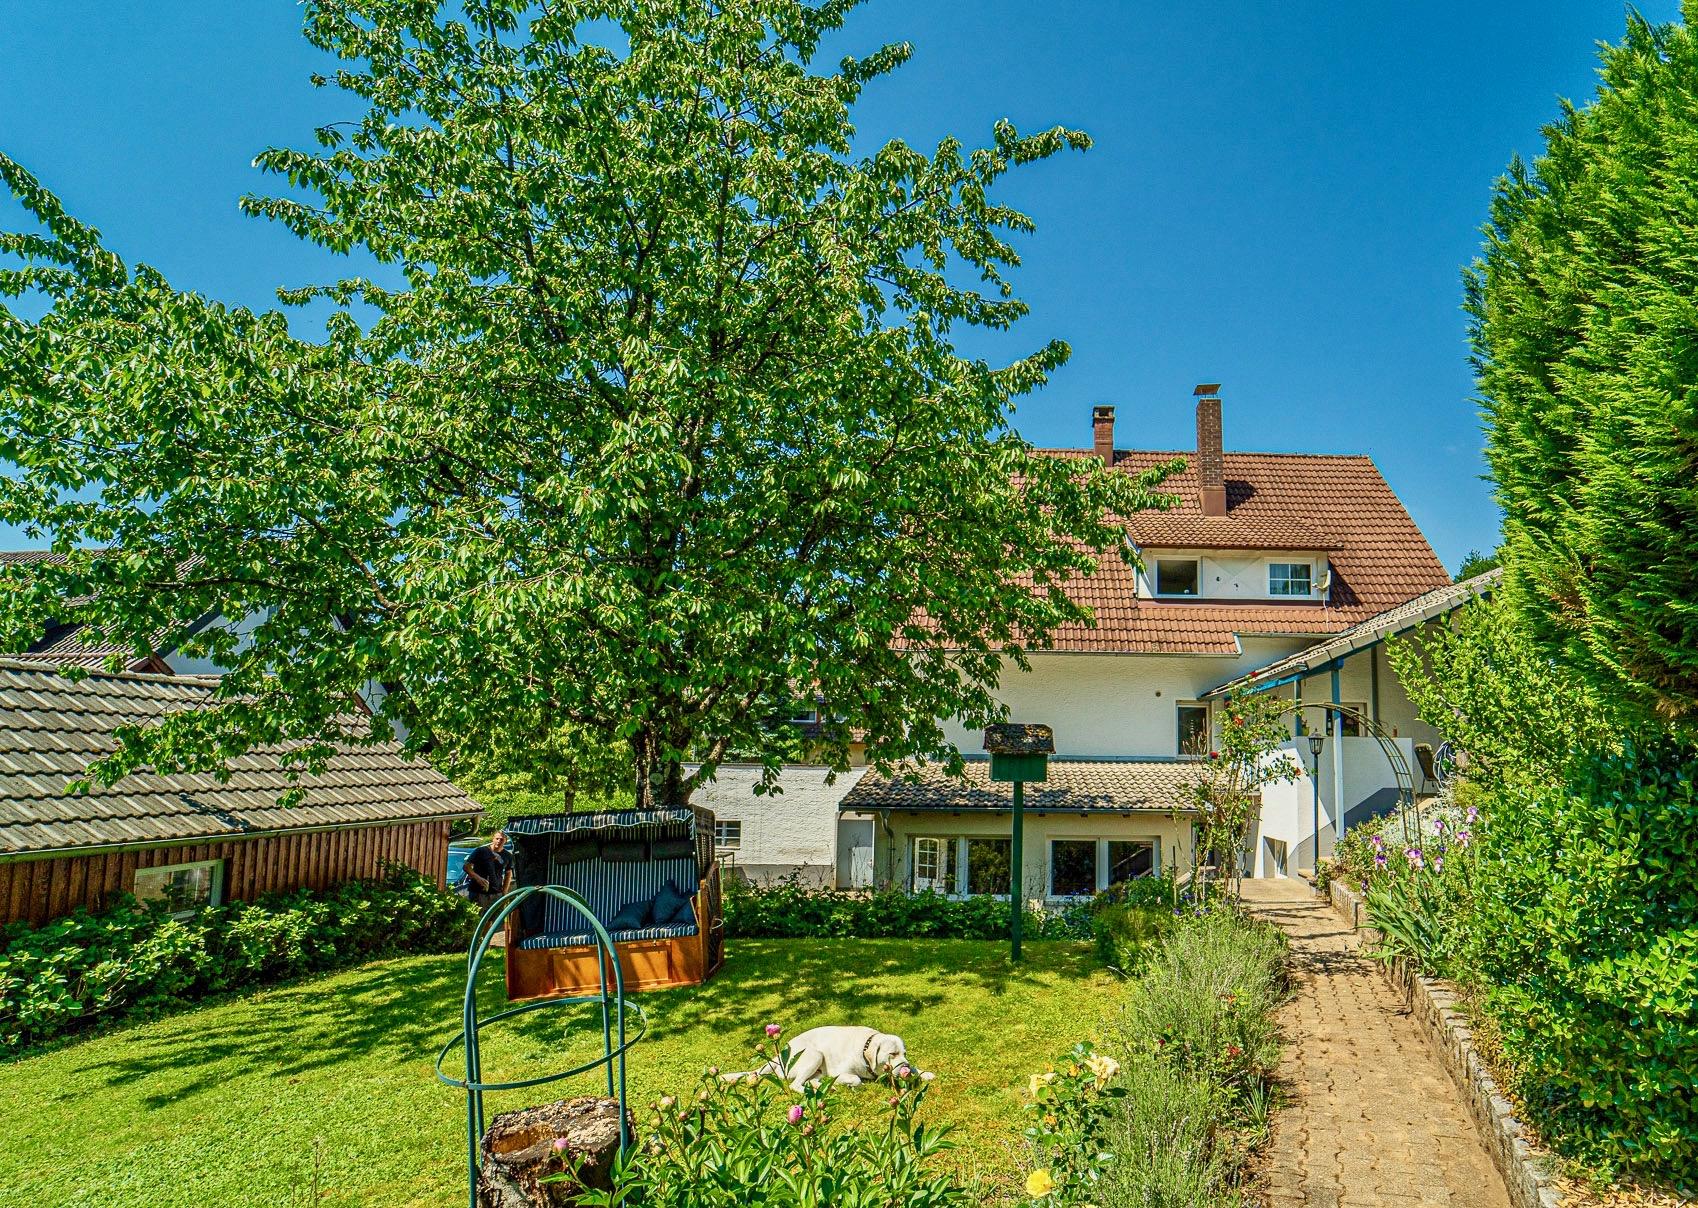 Familientraum! Gepflegtes freistehendes Zweifamilienhaus mit großem Garten und drei Garagen in Wehr-Öflingen